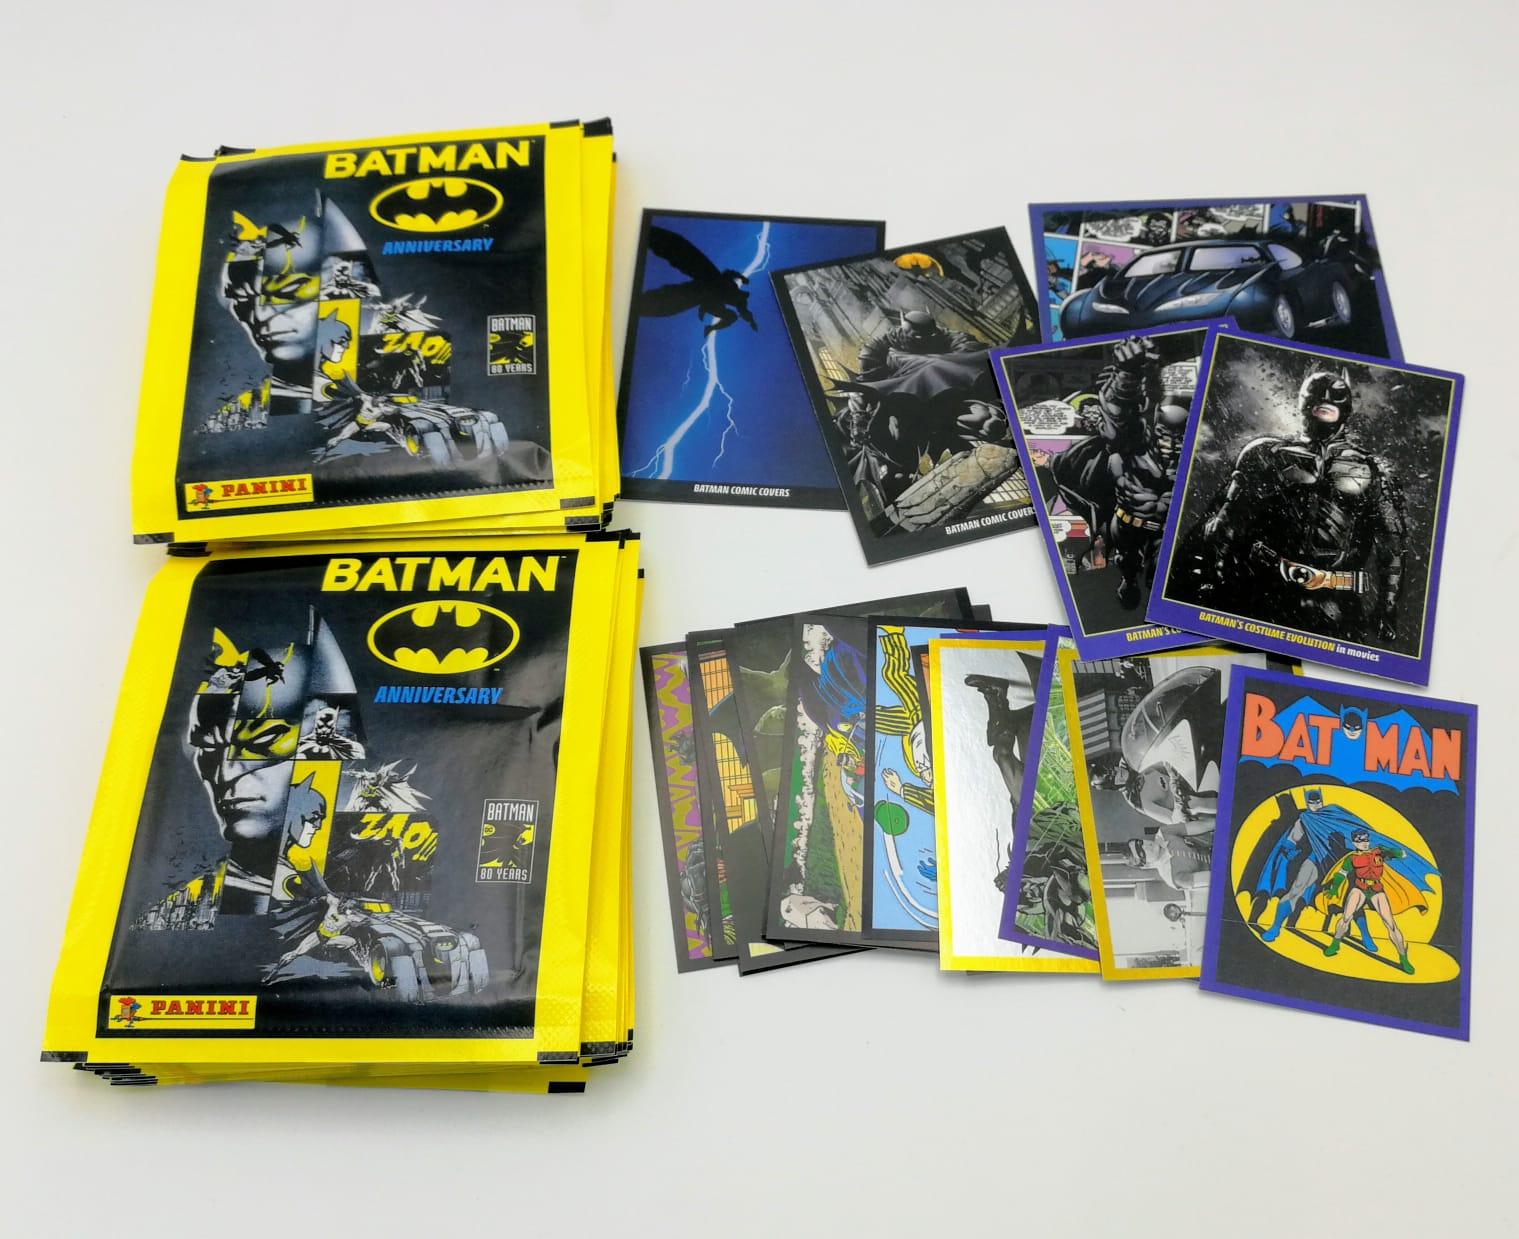 Batman 80 anniversario 50 bustine figurine sigillate da box v Promo Panini